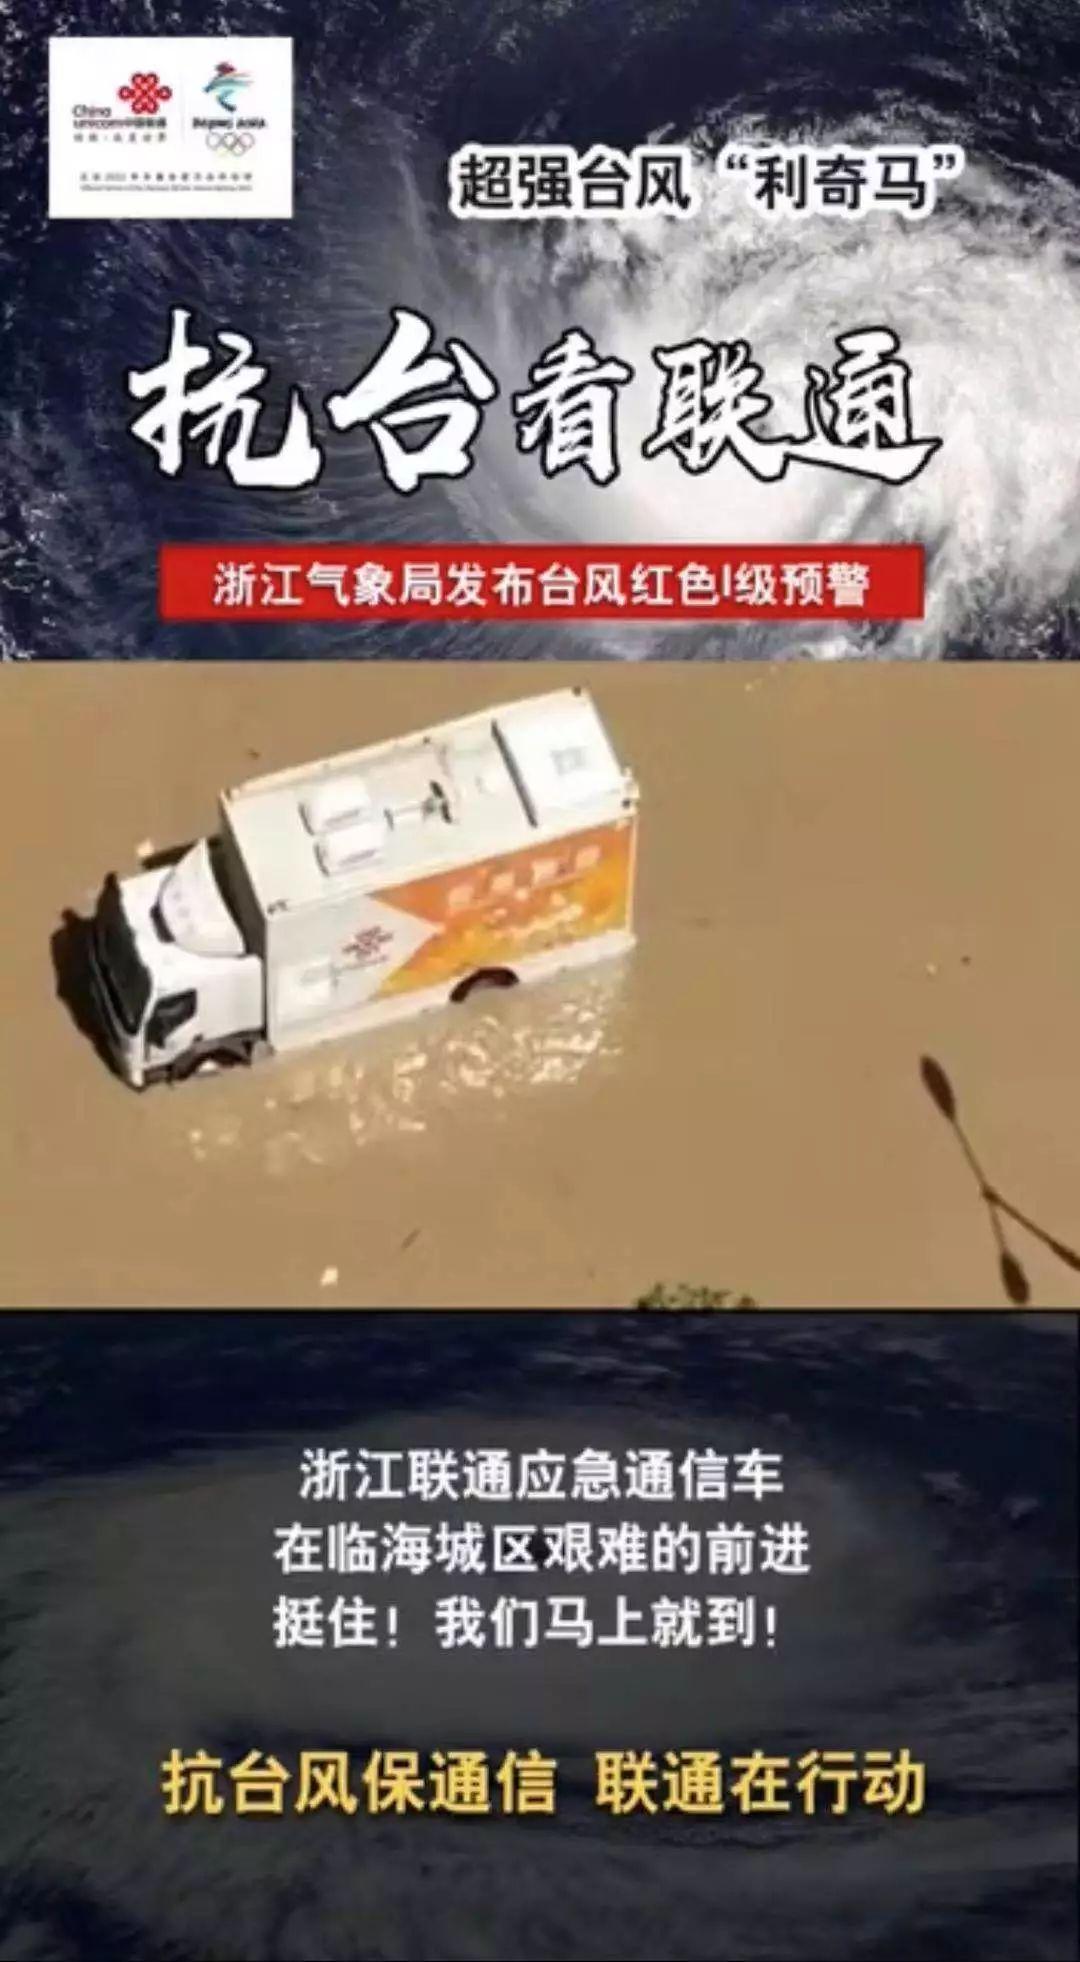 争分夺秒!台州联通快速恢复通信